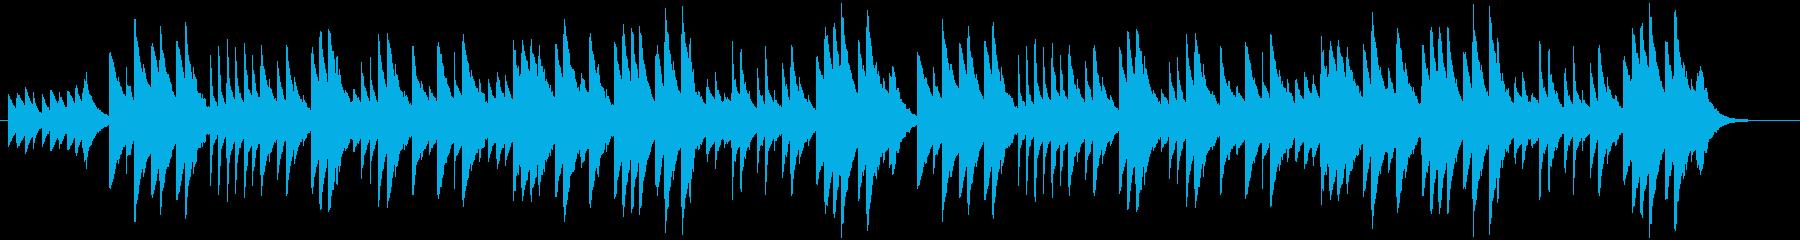 オルゴール思い出のアルバムSTEREOの再生済みの波形